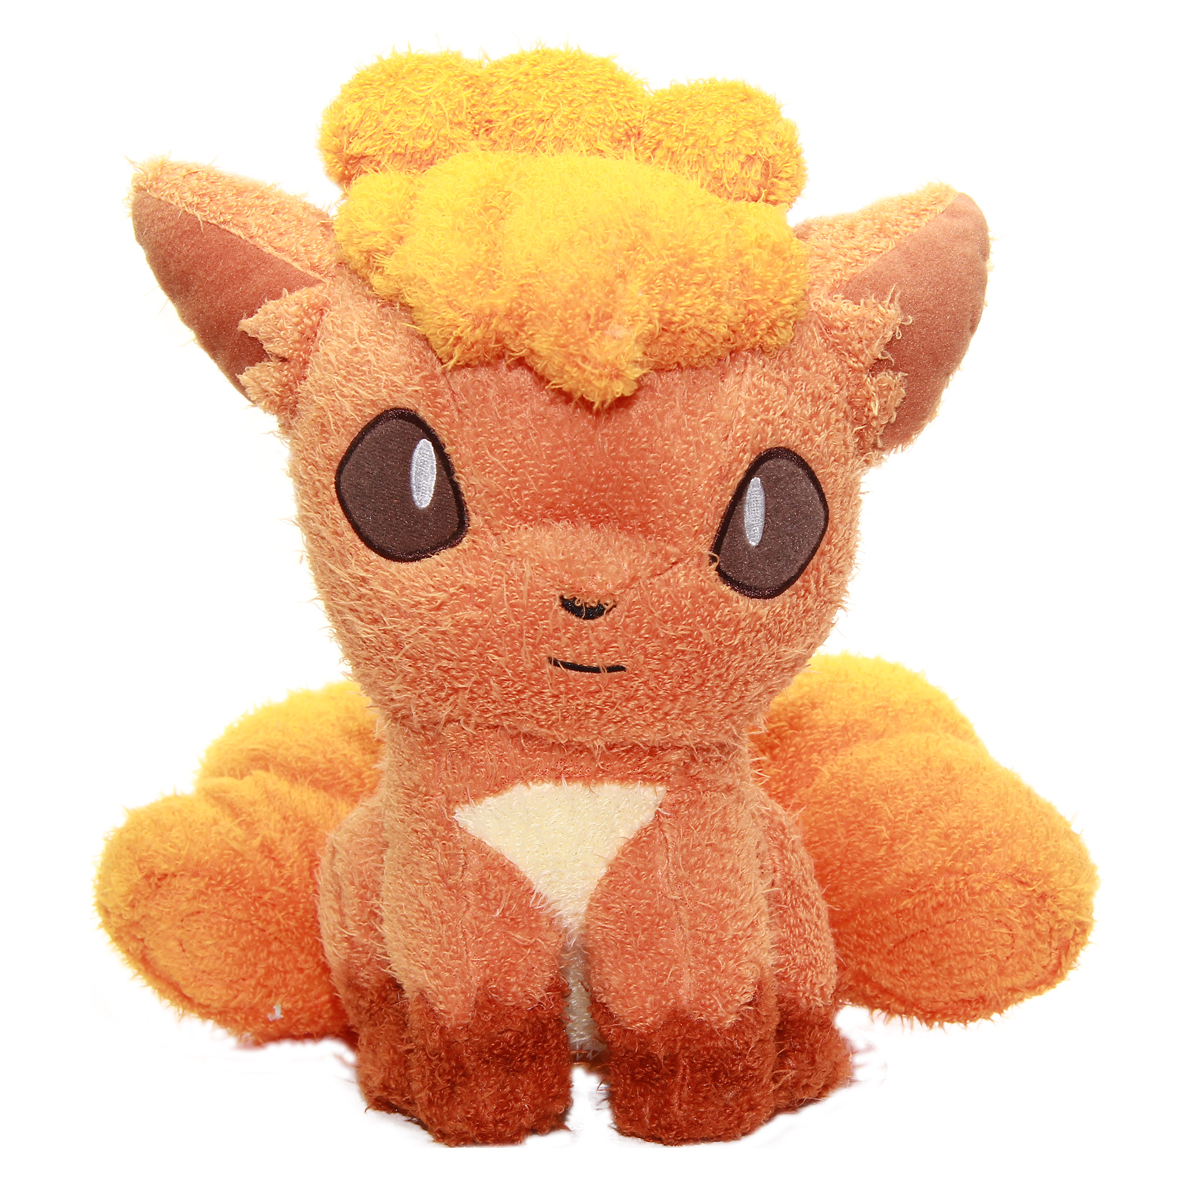 Pokemon Spirits Fuzzy Sitting Vulpix Plush Doll 10 Inches Banpresto